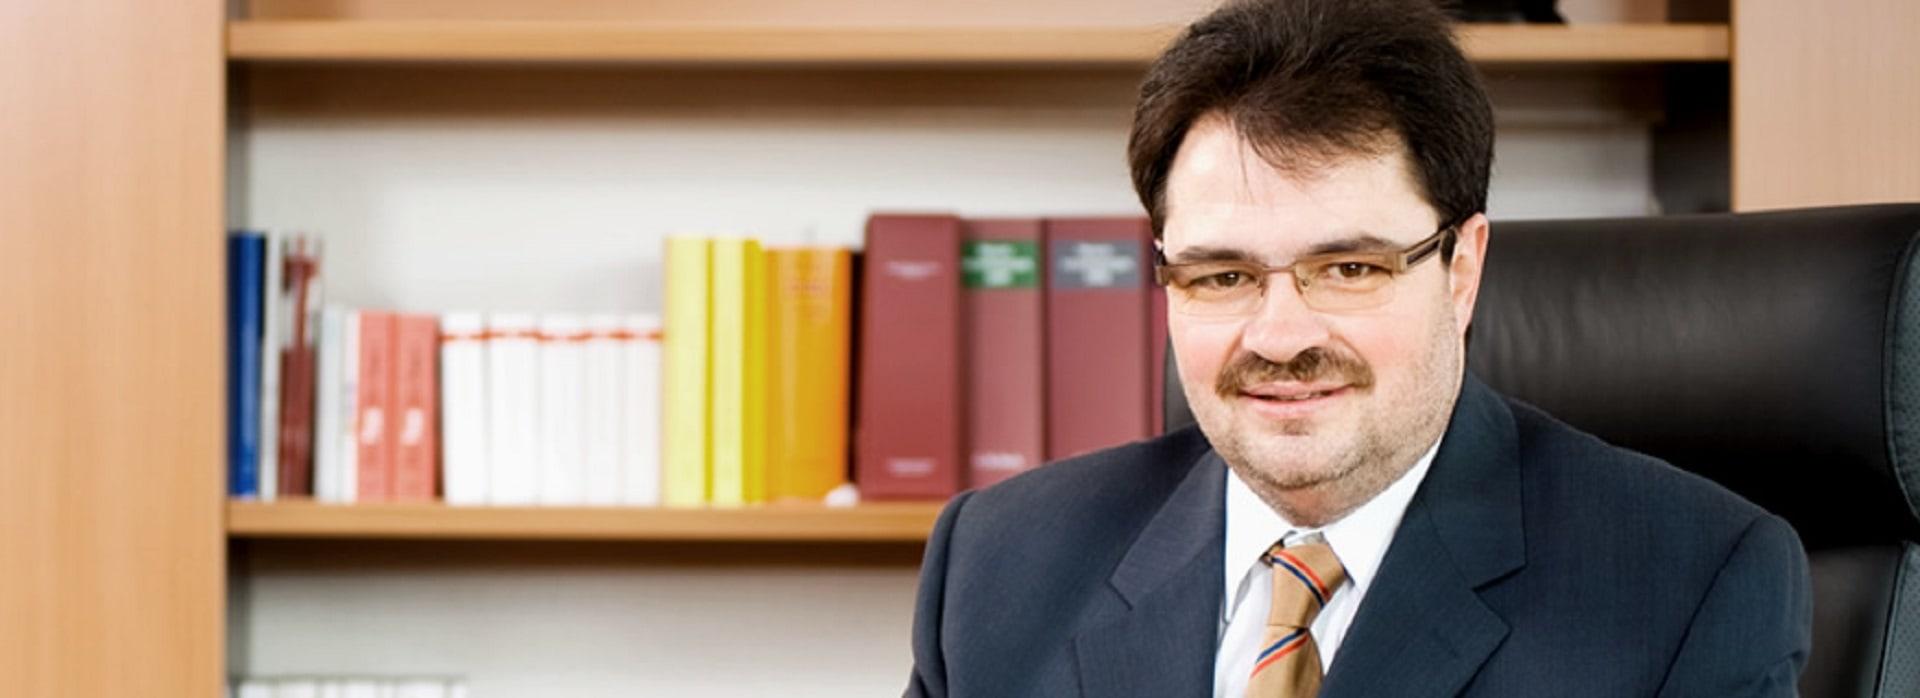 Volker Kramb Steuerberater